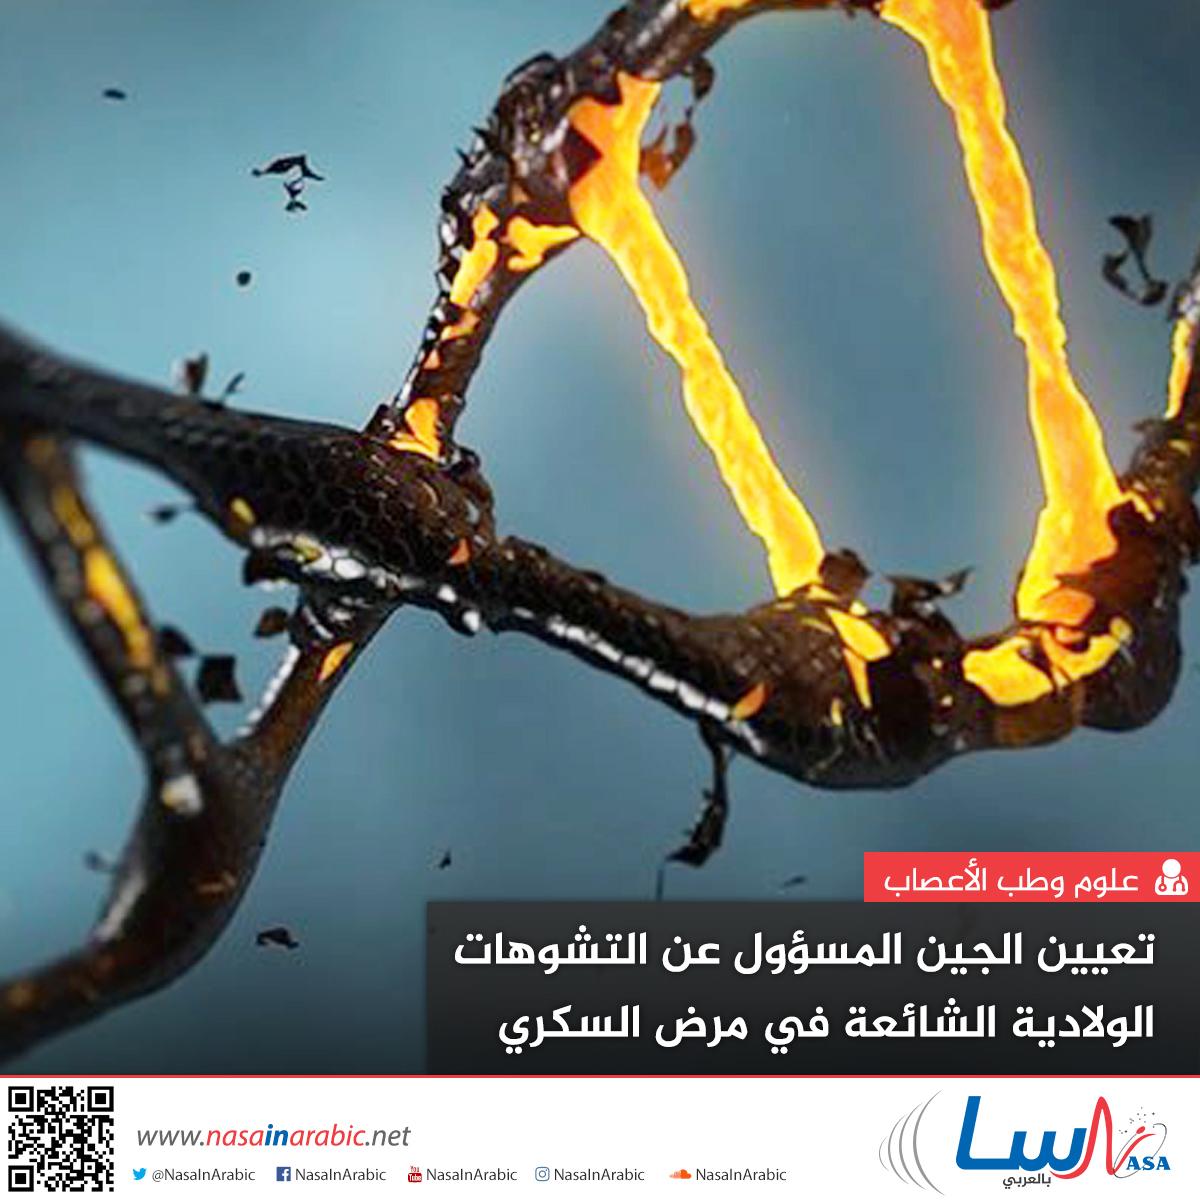 تعيين الجين المسؤول عن التشوهات الولادية الشائعة في مرض السكري